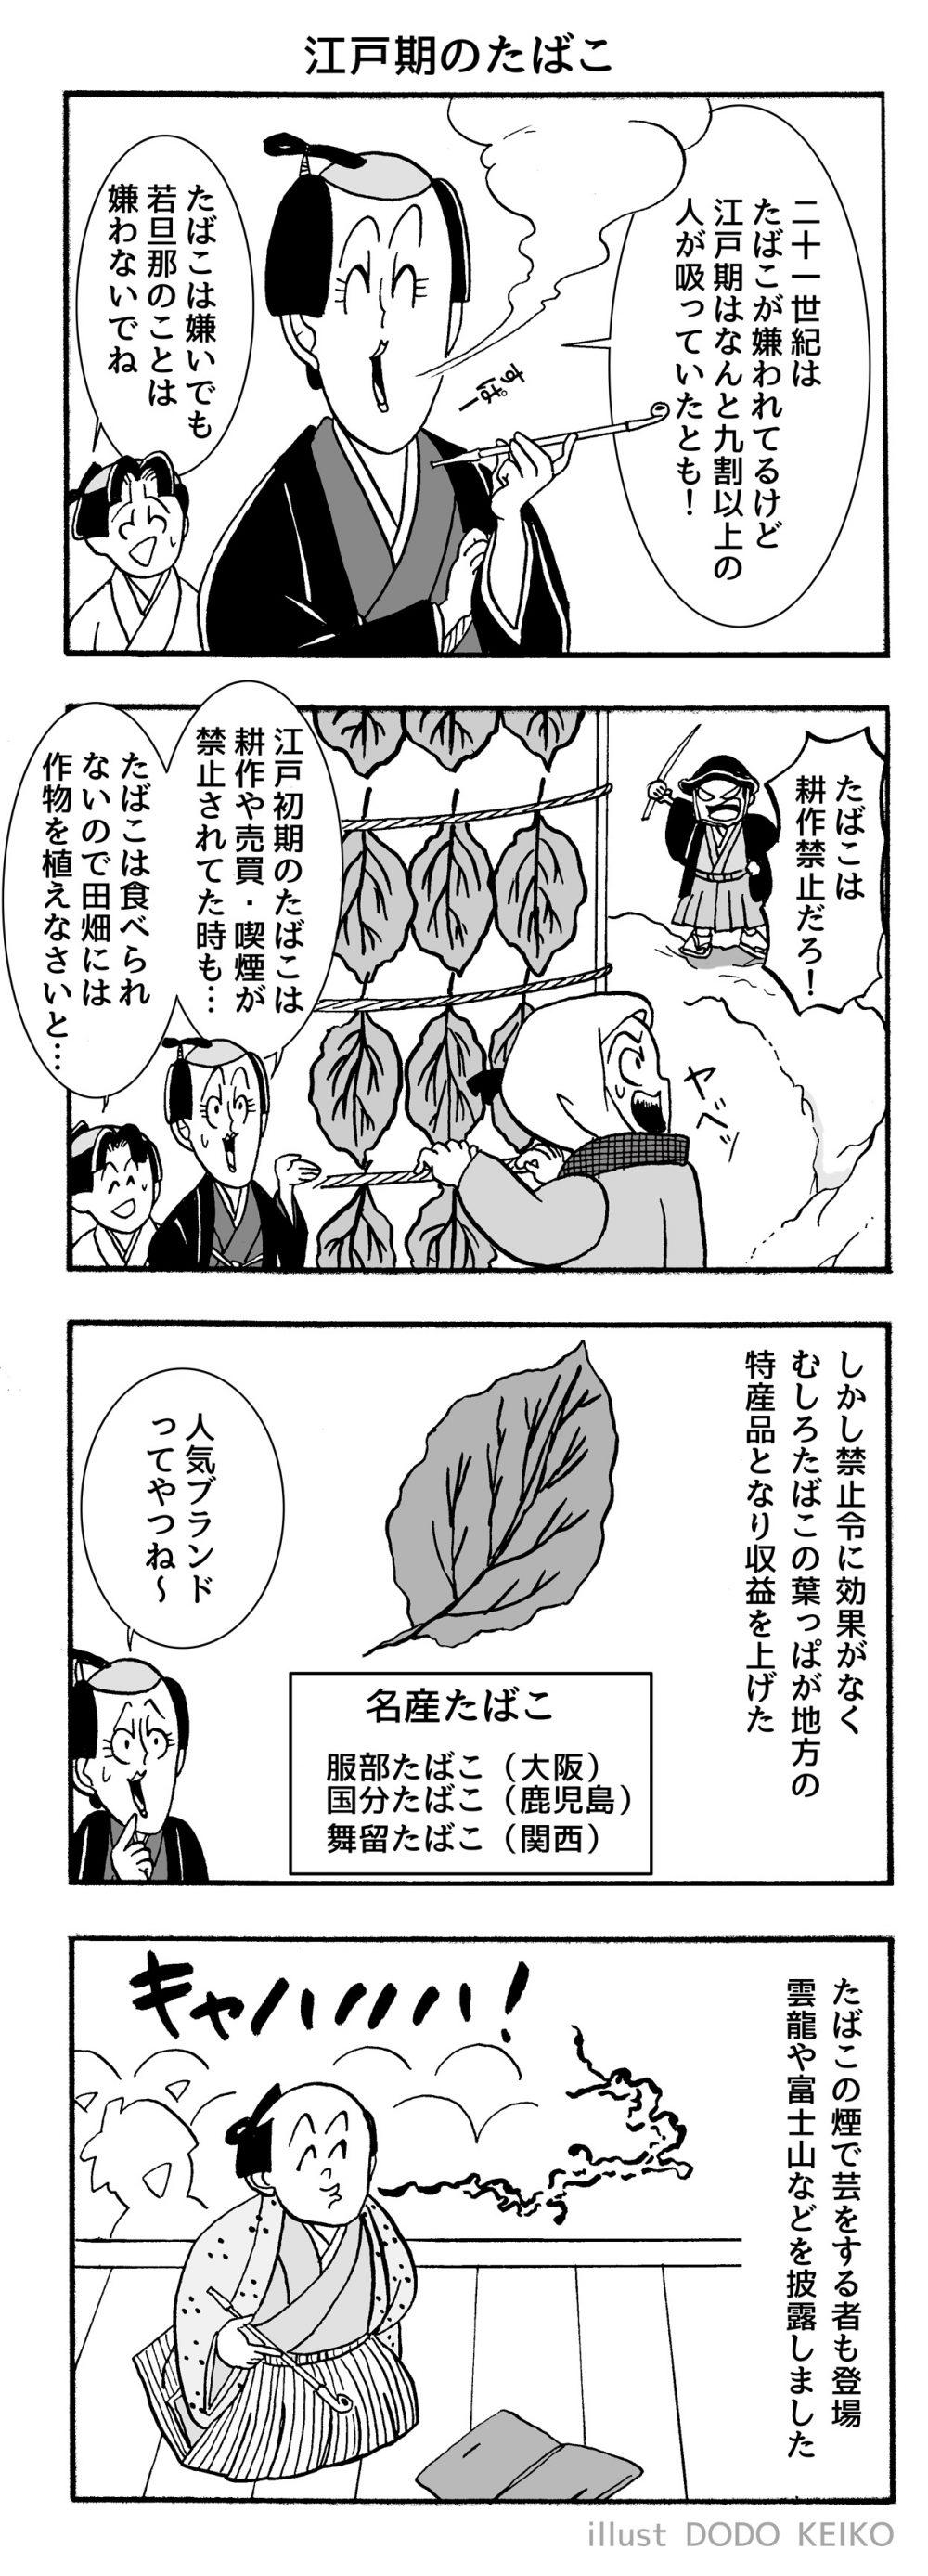 江戸たばこ,江戸時代たばこ,江戸たばこ文化,江戸たばこ4コマ,江戸たばこマンガ